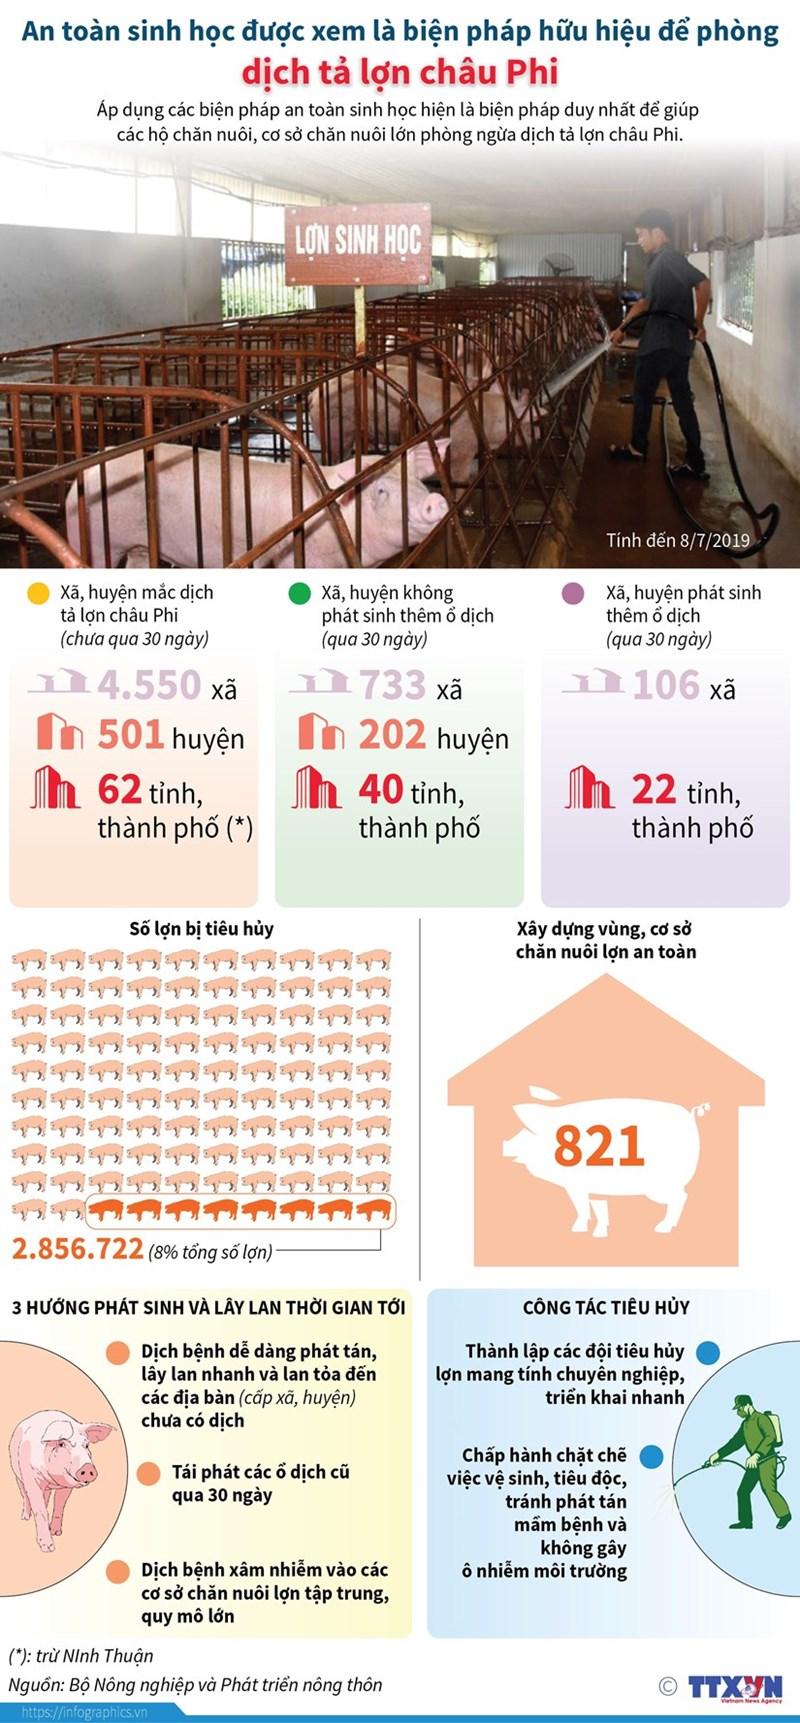 [Infographics] An toàn sinh học là biện pháp hữu hiệu để phòng dịch tả lợn châu Phi - Ảnh 1